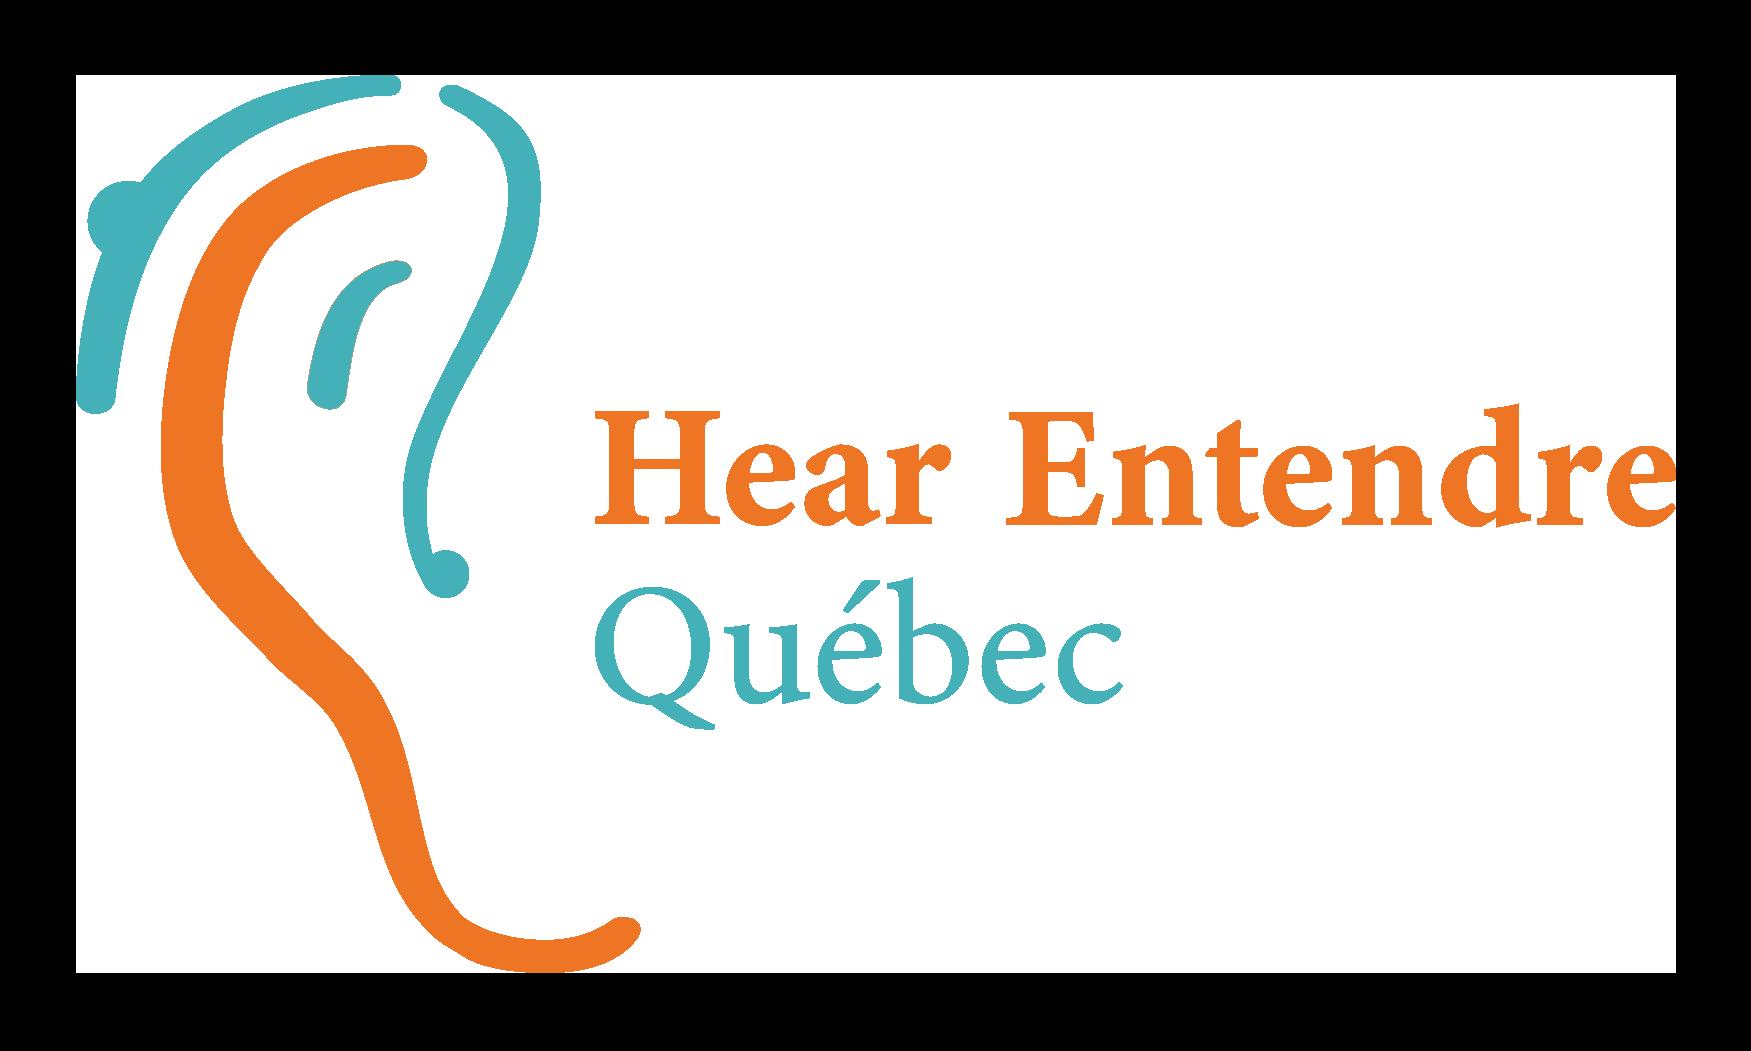 Hear Entendre Québec